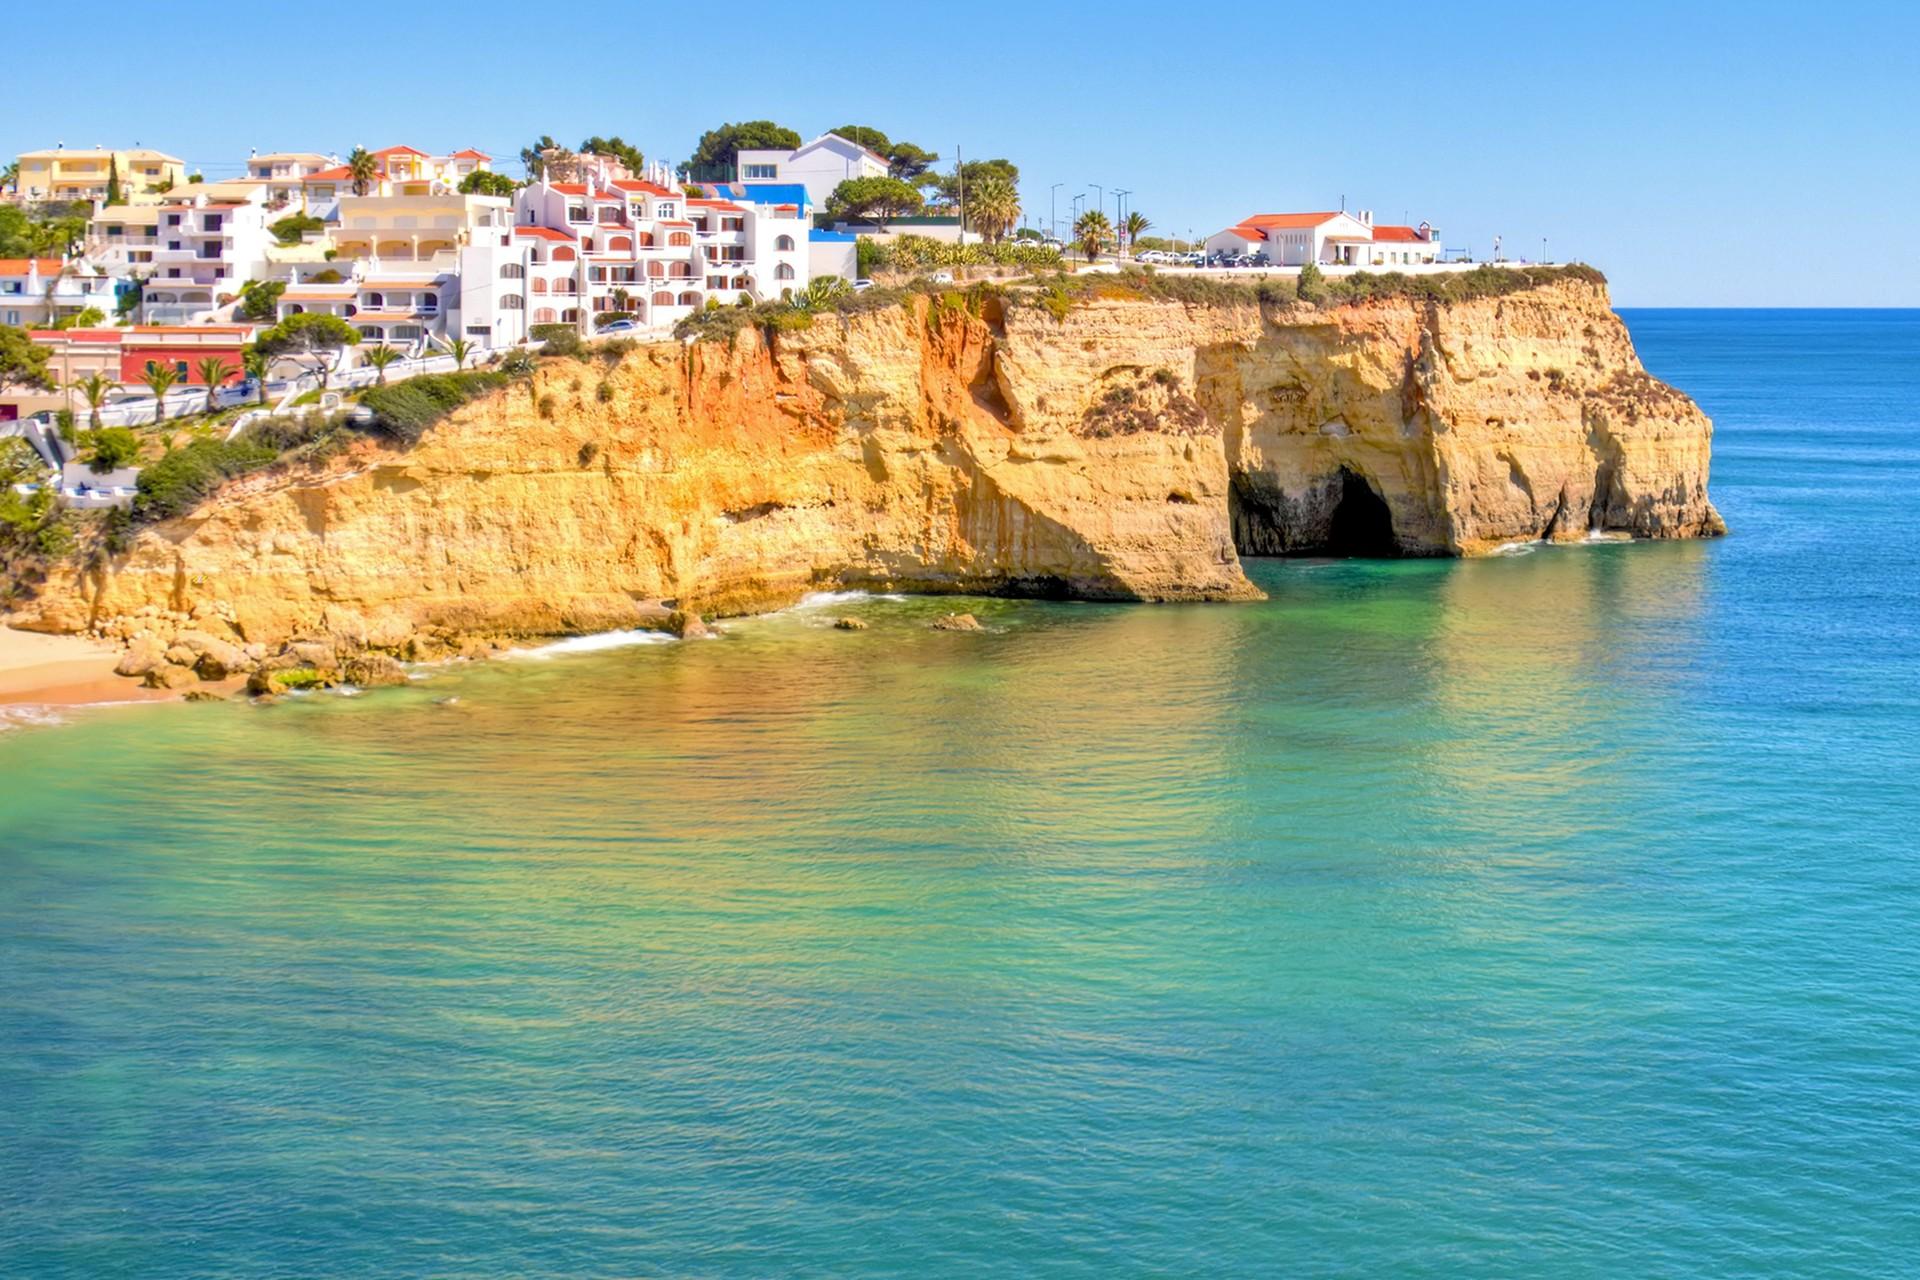 #1271B923522724 Luxe Vakantie Portugal TUI Meest effectief Luxe Vakantie Portugal 3705 behang 192012803705 afbeeldingen